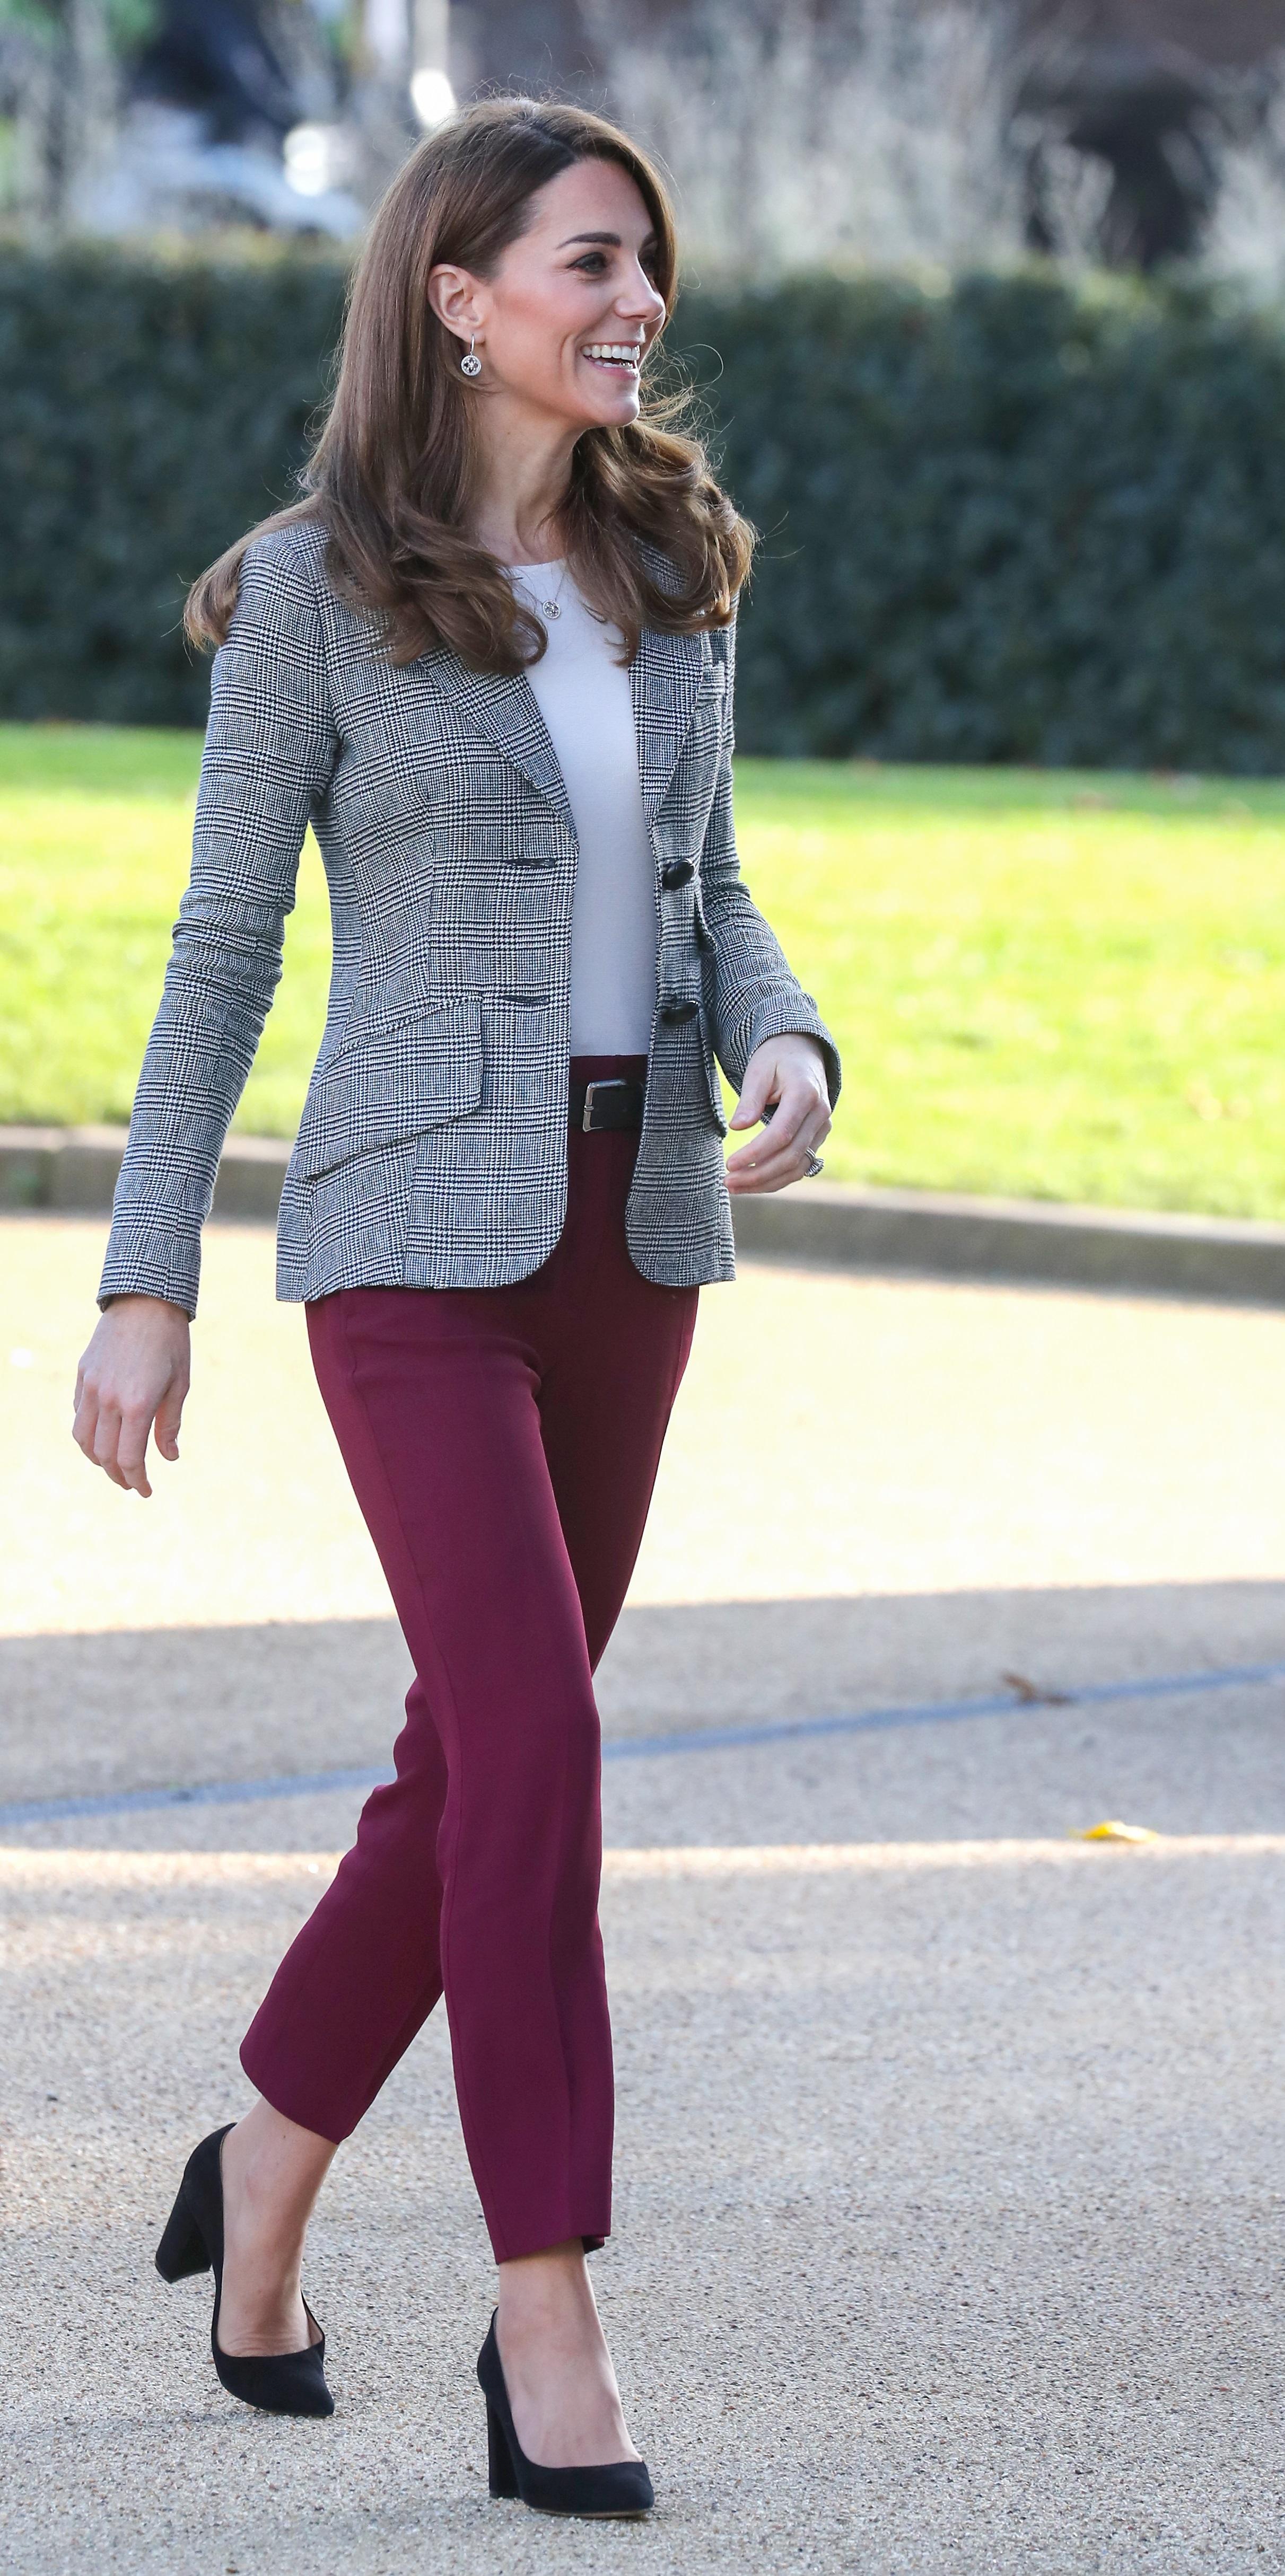 <p>Херцогинята на Кеймбридж Катрин Мидълтън отново показа модерен стил и очарова всички присъстващи по време на събитие, проведено&nbsp;от благотворителна организация. Мидълтън се появи с панталон и сако, а модните критици определиха визията й като пример за това&nbsp;как трябва да изглежда една модерна&nbsp;дама.</p>